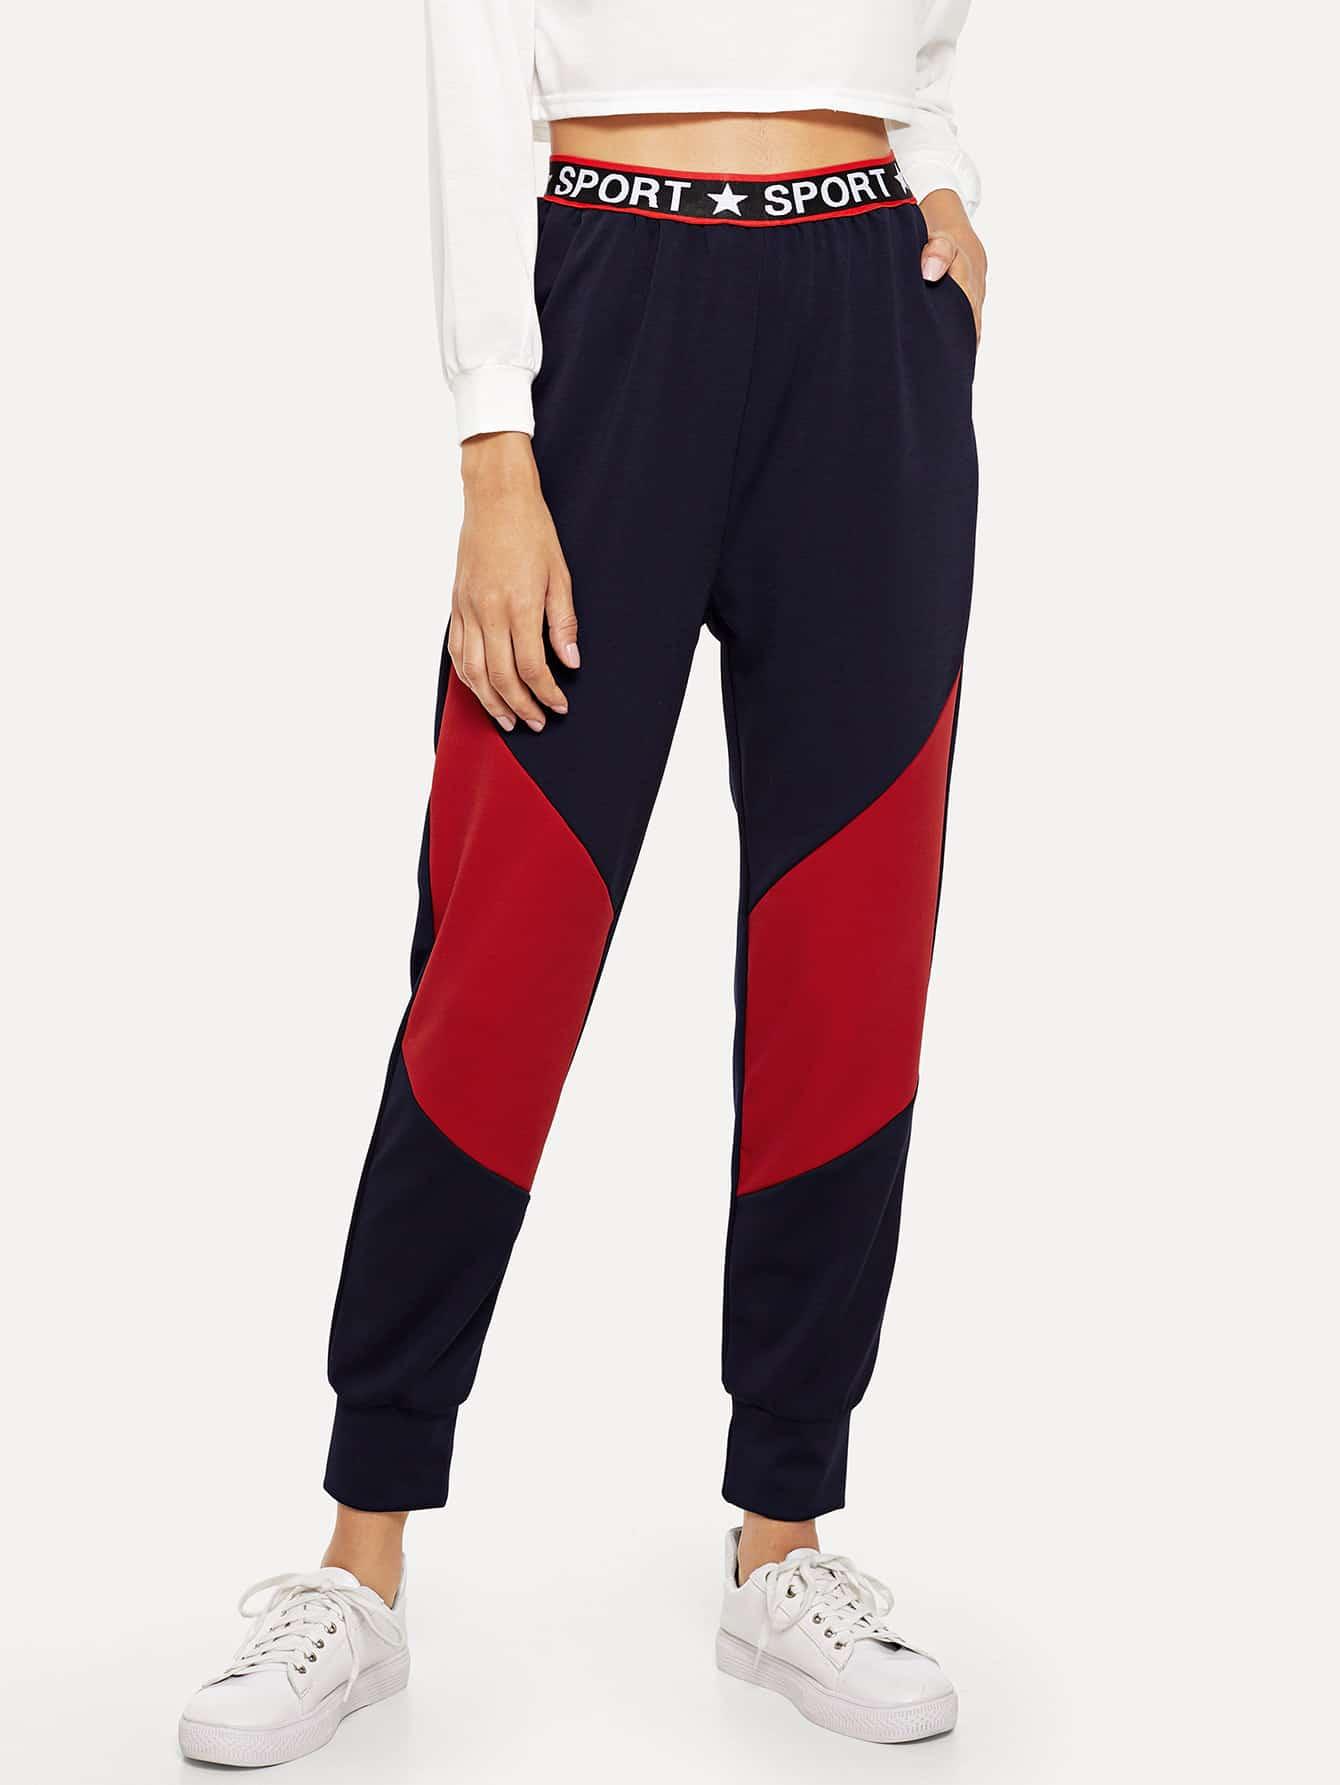 Купить Контрастные брюки с текстовым принтом на пояснице, Kary, SheIn